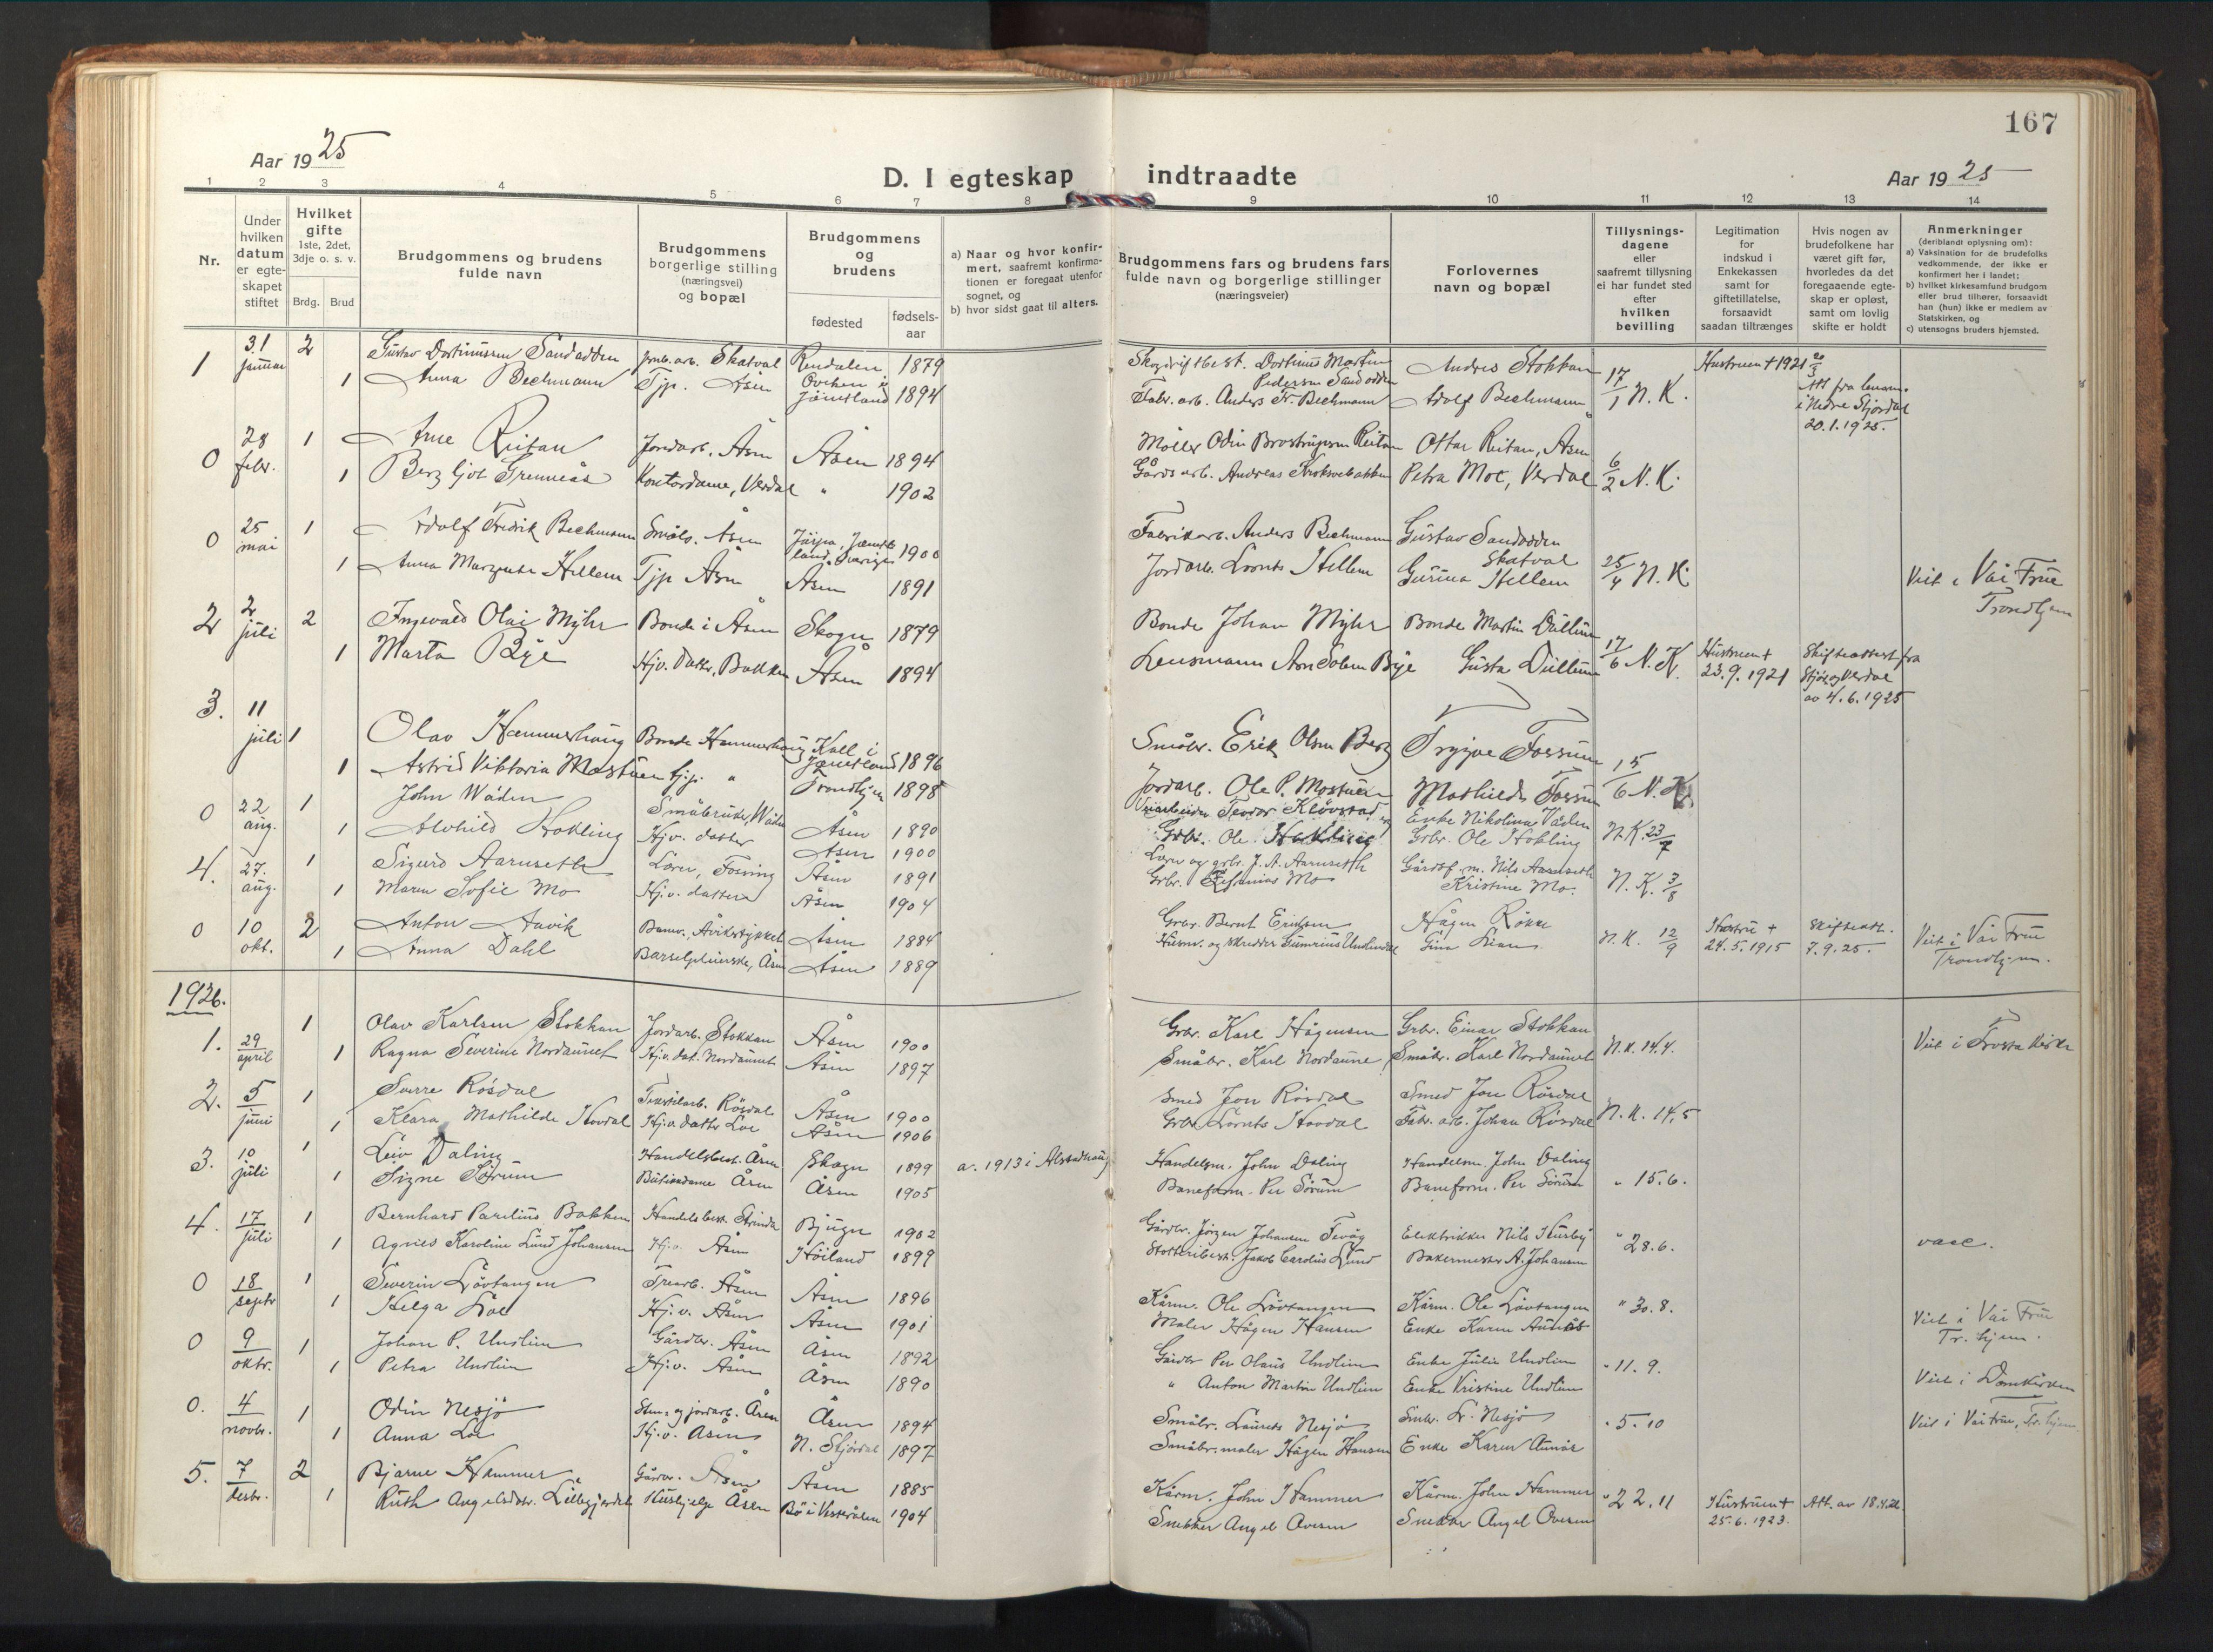 SAT, Ministerialprotokoller, klokkerbøker og fødselsregistre - Nord-Trøndelag, 714/L0136: Klokkerbok nr. 714C05, 1918-1957, s. 167